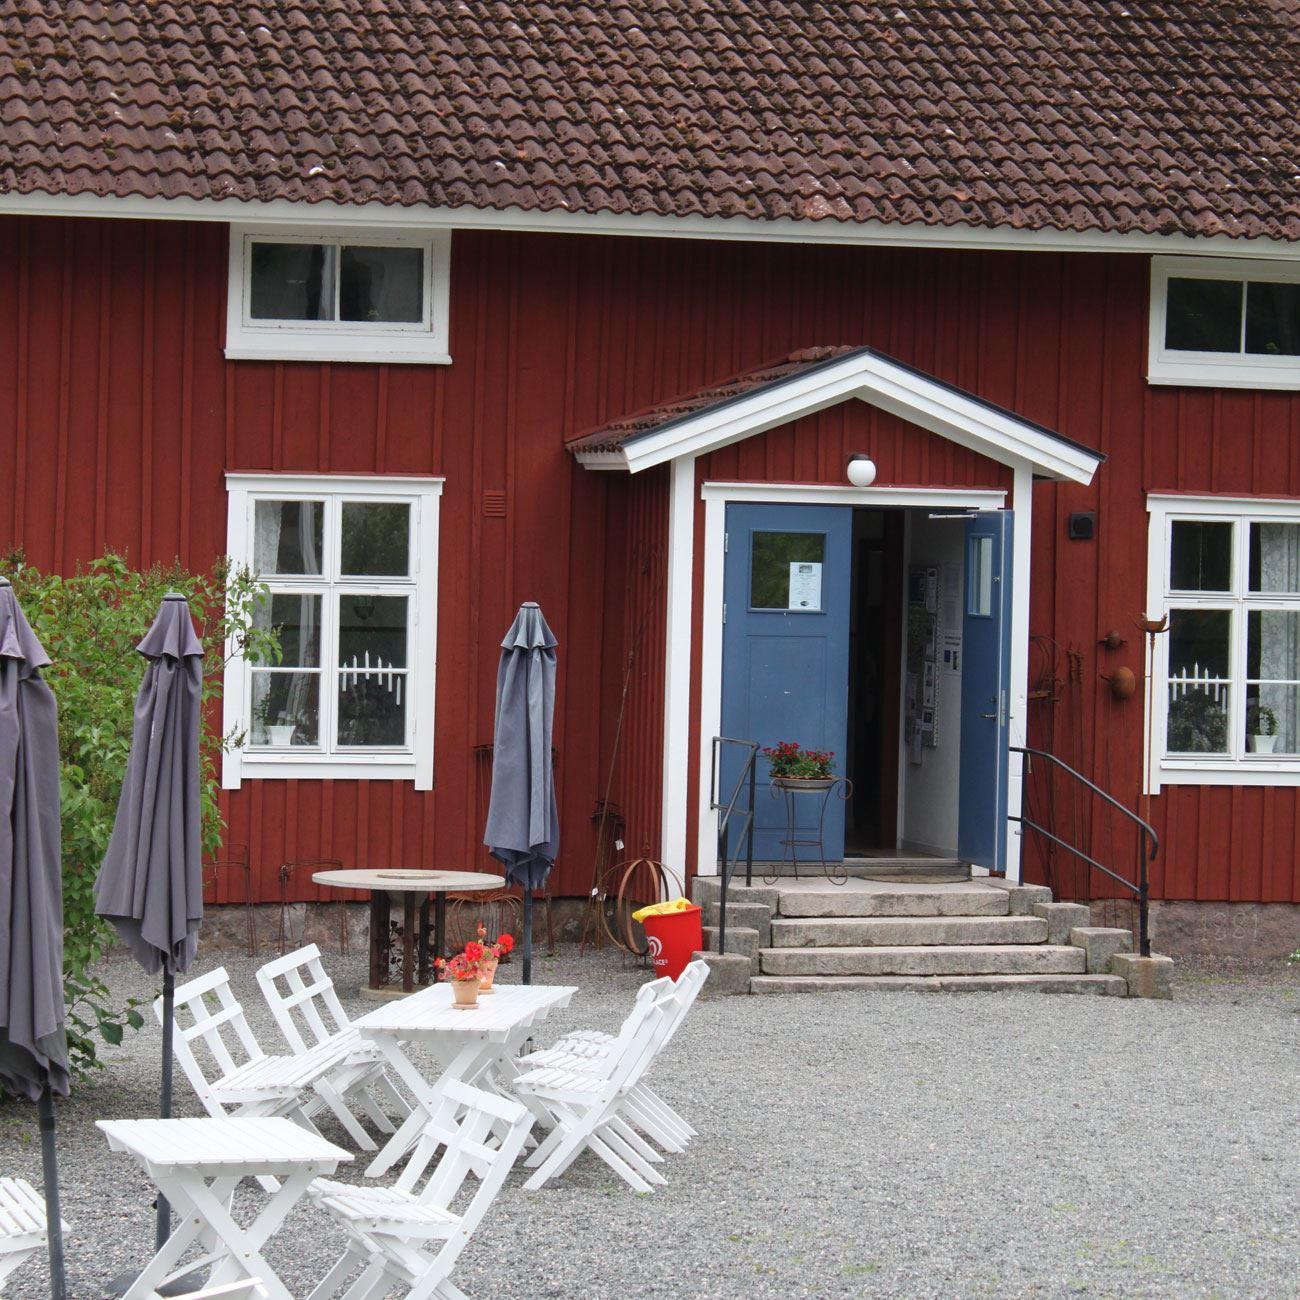 Foto: Värnamo Näringsliv AB,  © Värnamo Näringsliv AB , Norra Bolmen B&B